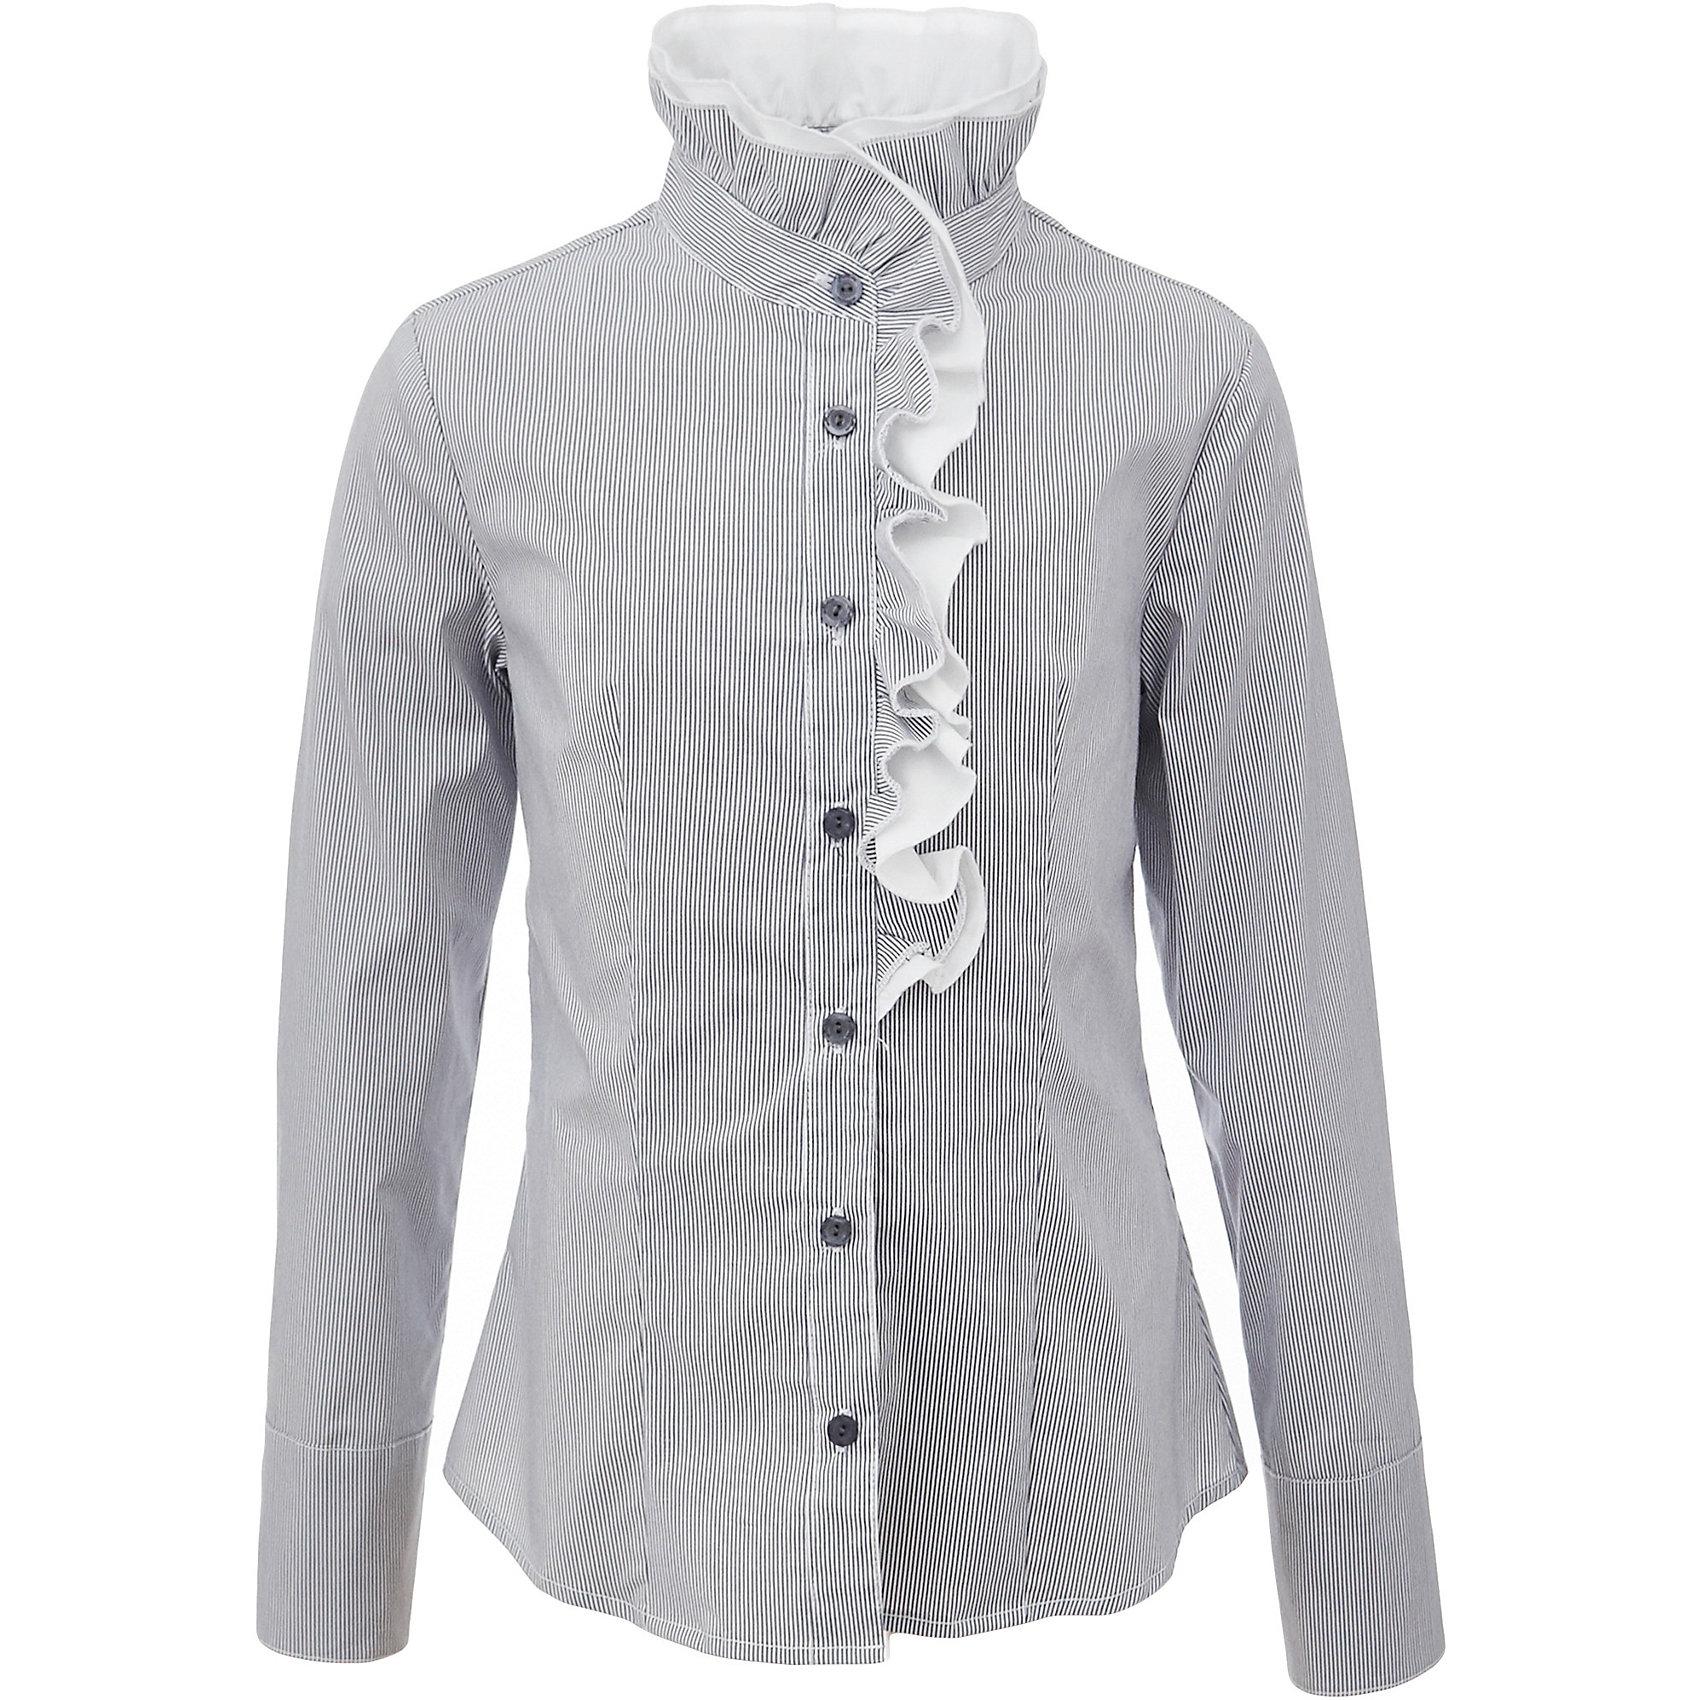 Блузка для девочки GulliverБлузки и рубашки<br>Характеристики товара:<br><br>• цвет: серый<br>• состав: 75% хлопок, 23% полиэстер, 2% эластан <br>• сезон: демисезон<br>• декорирована рюшей<br>• с длинным рукавом<br>• застежка: пуговицы<br>• манжеты на пуговицах<br>• особенности: школьная, в полоску<br>• страна бренда: Российская Федерация<br>• страна производства: Российская Федерация<br><br>Школьная блузка с длинным рукавом для девочки. Серая блузка в полоску застегивается на пуговицы, манжеты рукавов на пуговицах. Блузка с рюшами контрастного белого цвета.<br><br>Блузку для девочки Gulliver (Гулливер) можно купить в нашем интернет-магазине.<br><br>Ширина мм: 186<br>Глубина мм: 87<br>Высота мм: 198<br>Вес г: 197<br>Цвет: серый<br>Возраст от месяцев: 168<br>Возраст до месяцев: 180<br>Пол: Женский<br>Возраст: Детский<br>Размер: 170,122,128,134,140,146,152,158,164<br>SKU: 6678718